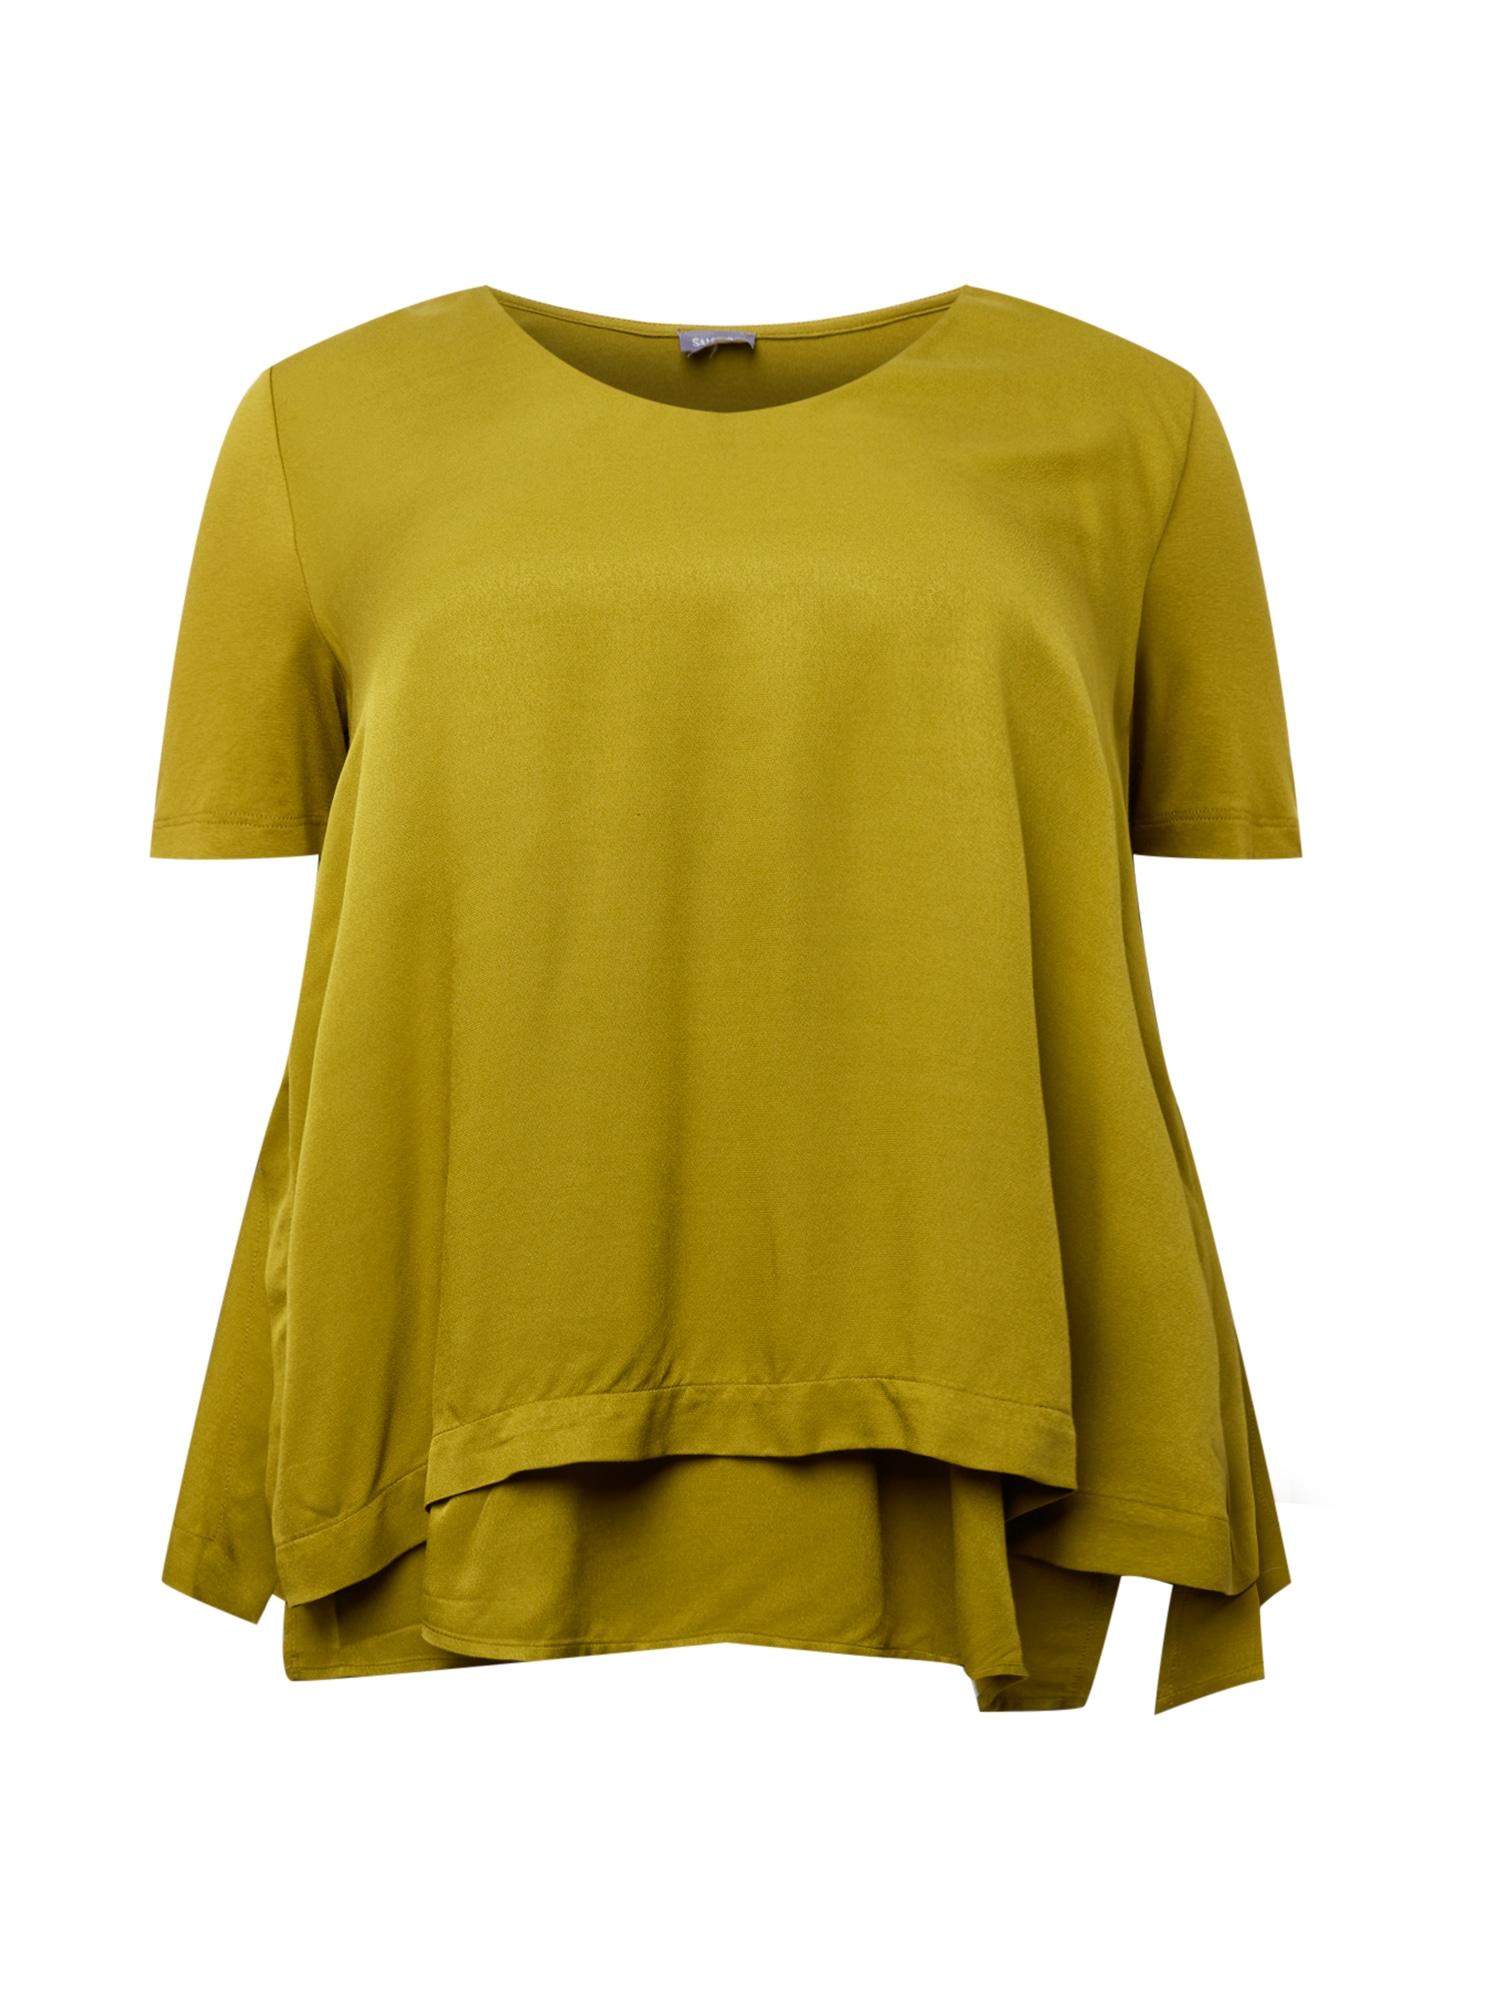 SAMOON Marškinėliai žalia